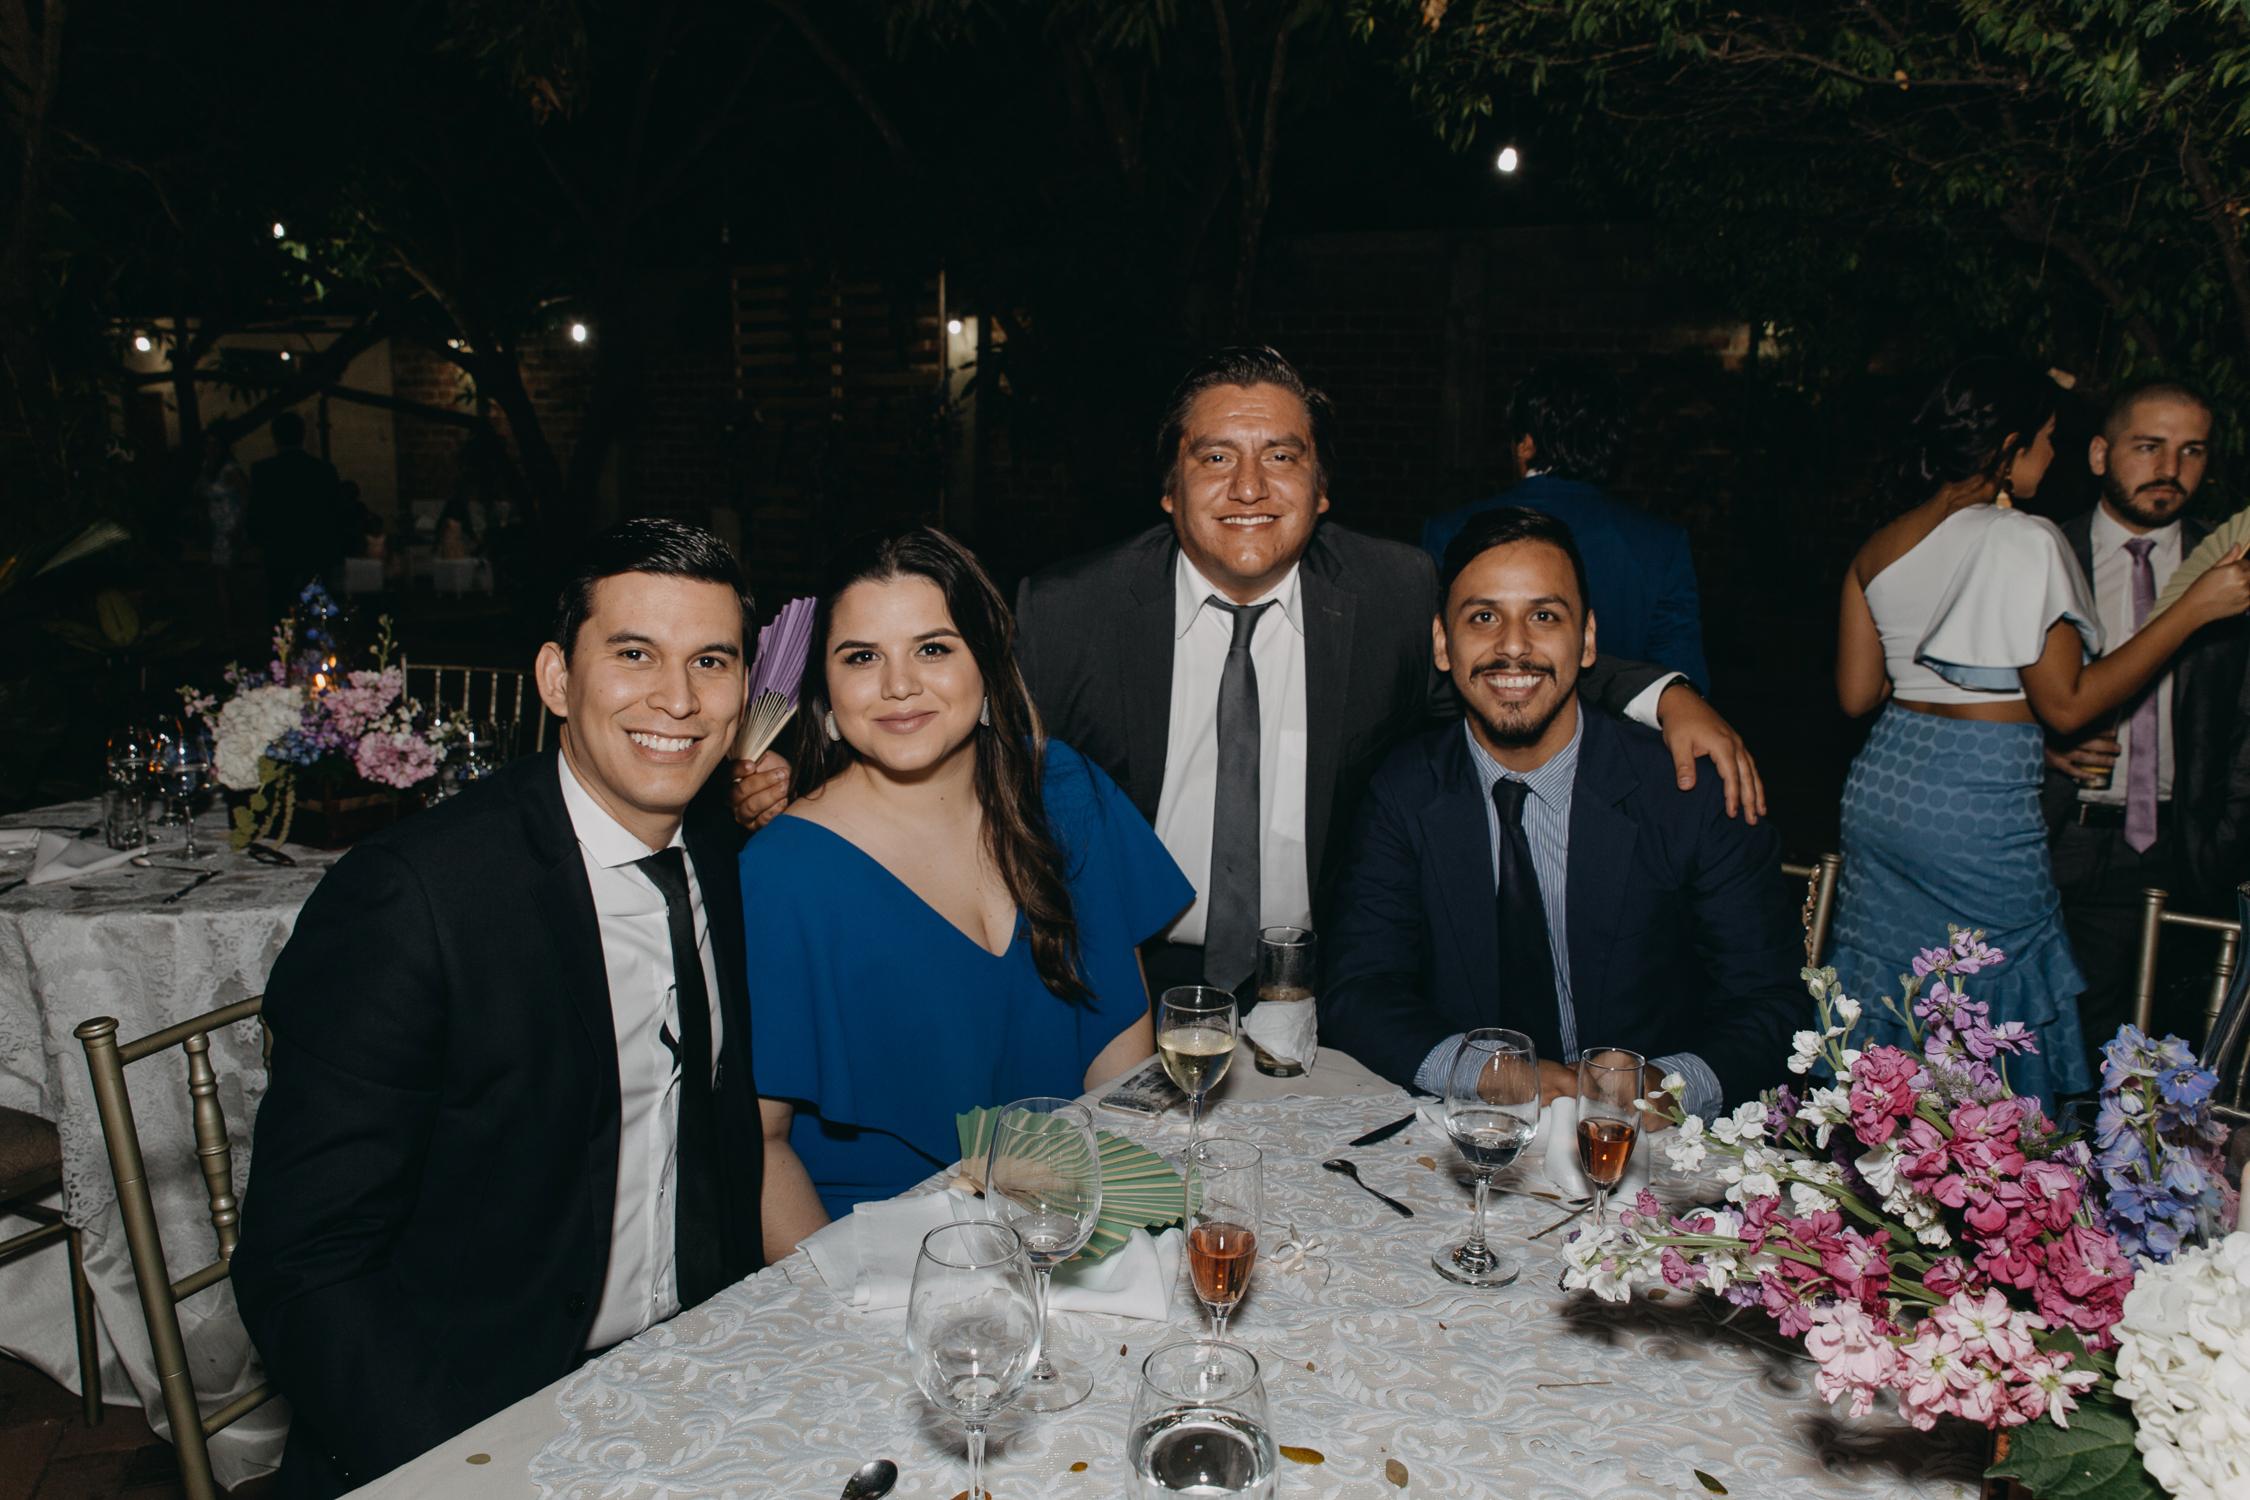 Michelle-Agurto-Fotografia-Bodas-Ecuador-Destination-Wedding-Photographer-Cristi-Luis-135.JPG